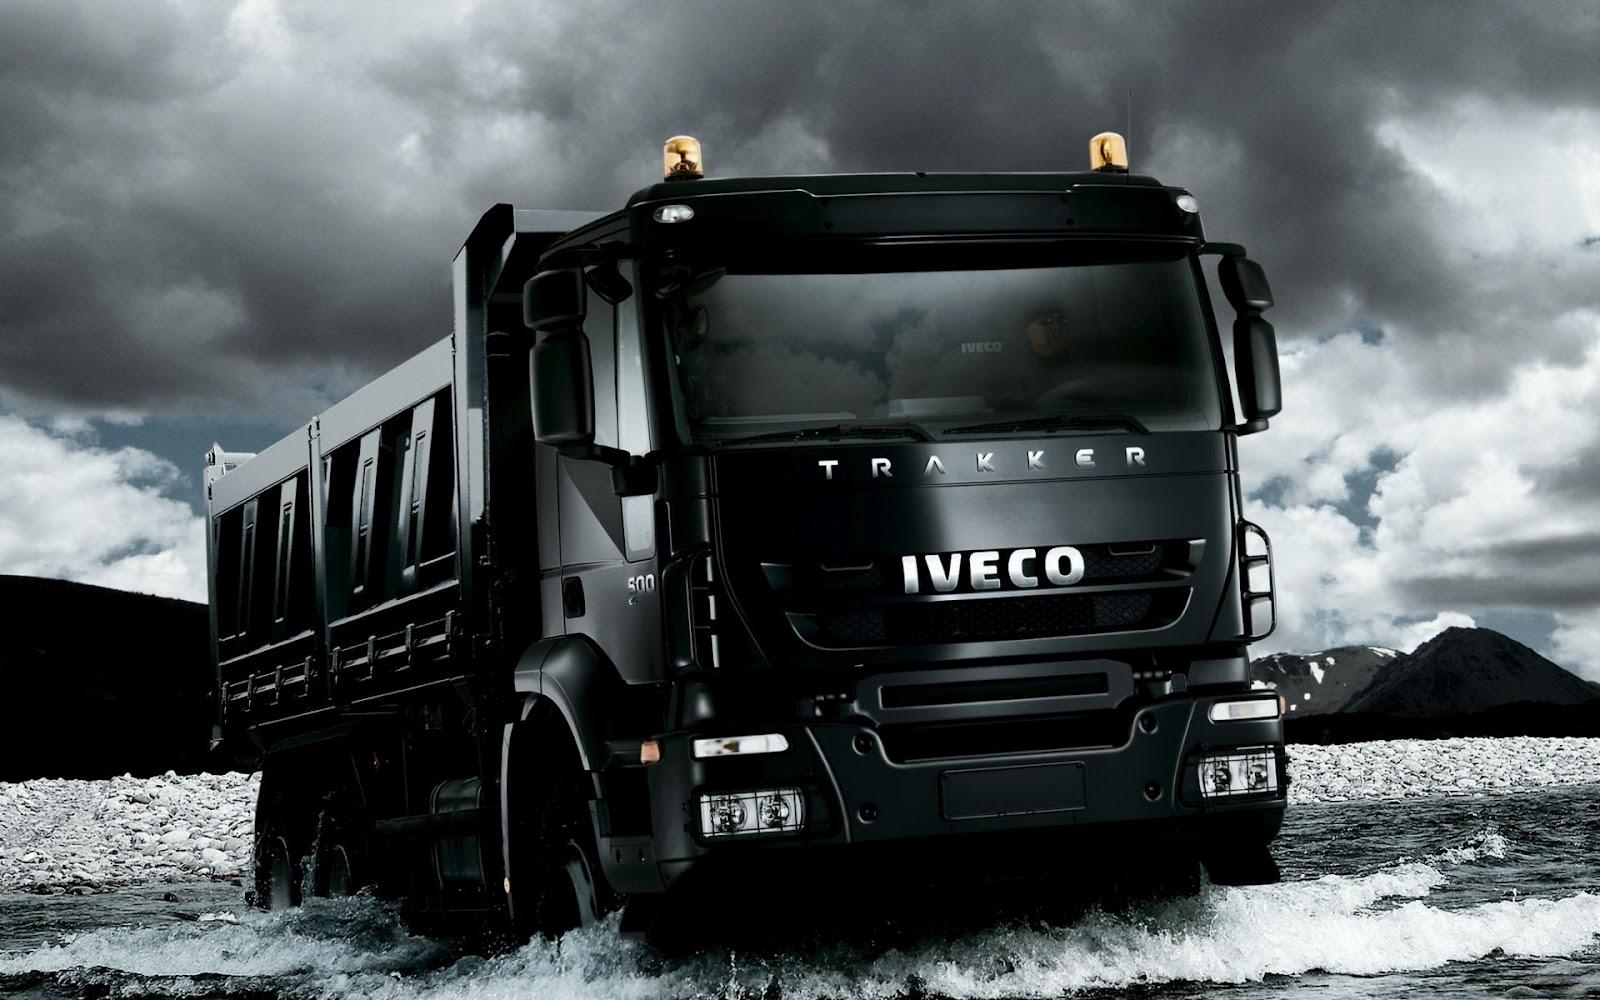 truck hd x wallpaper - photo #1